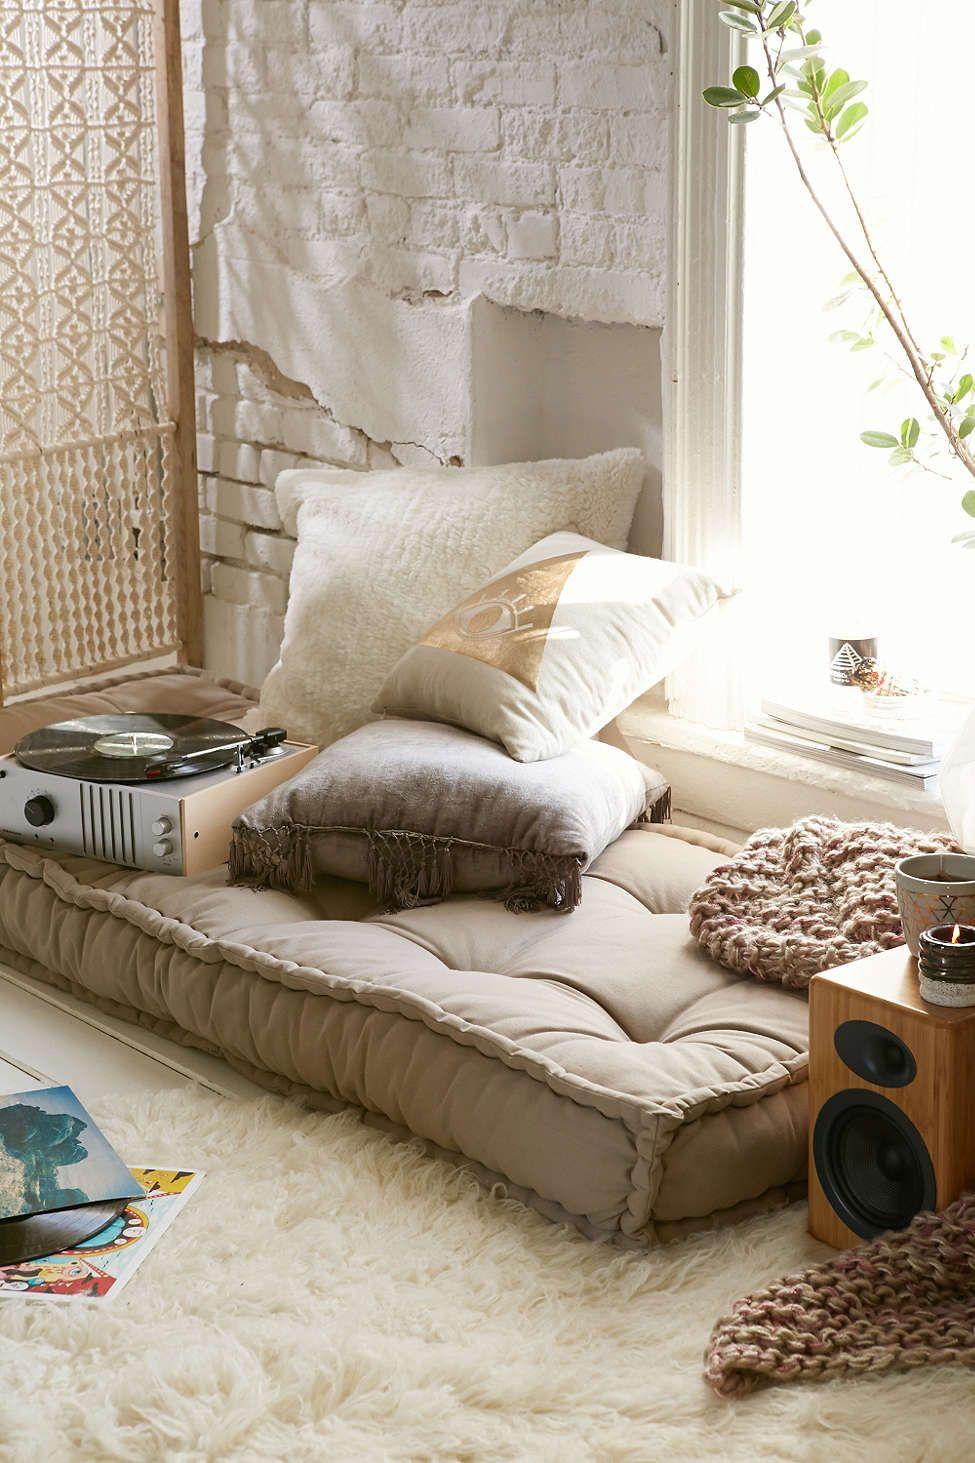 kilim poufs floor collections berber moroccan e pillow textile vintage wares pouf pillows